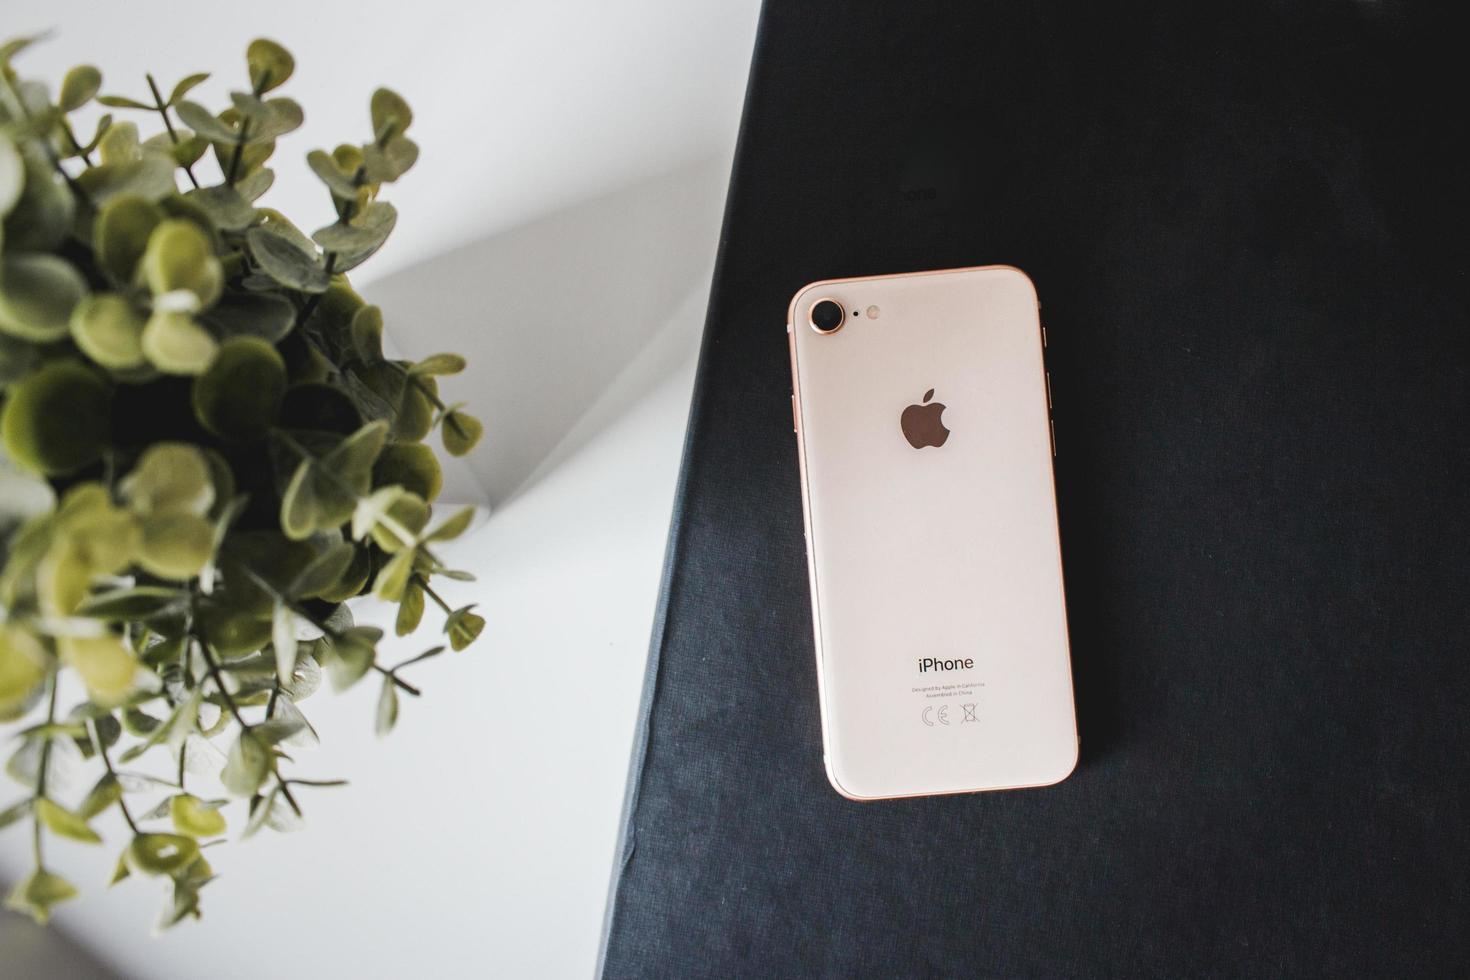 2018 - editorial ilustrativo do iphone 8 em ouro rosa em um fundo preto ao lado de uma planta verde foto